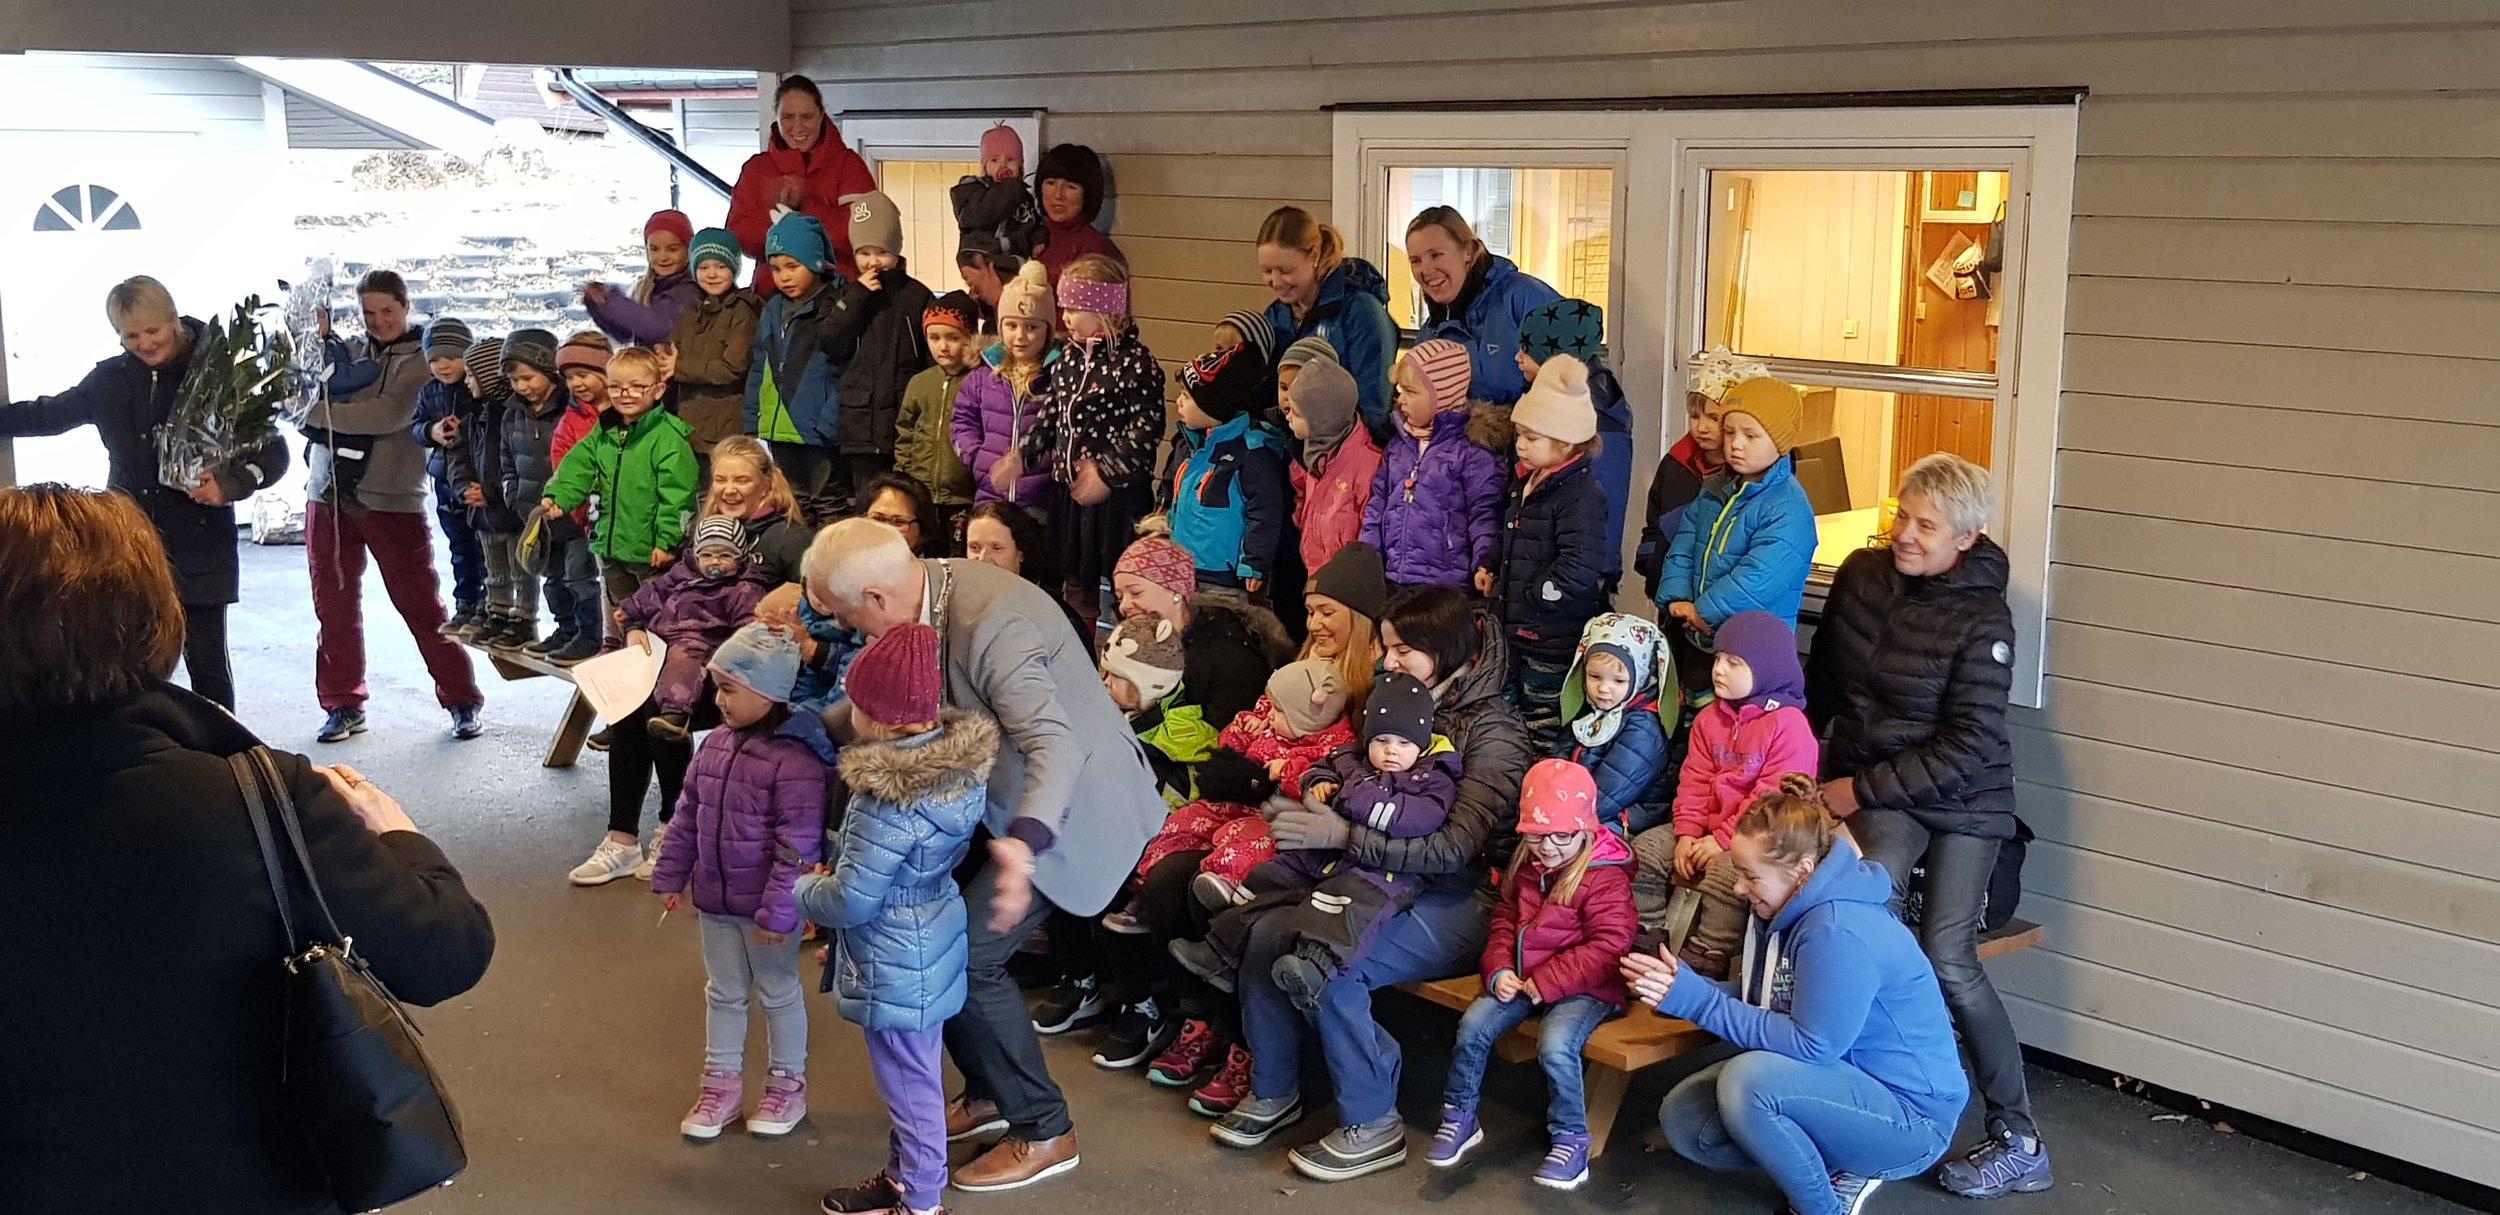 Foto: Tømrer Service AS